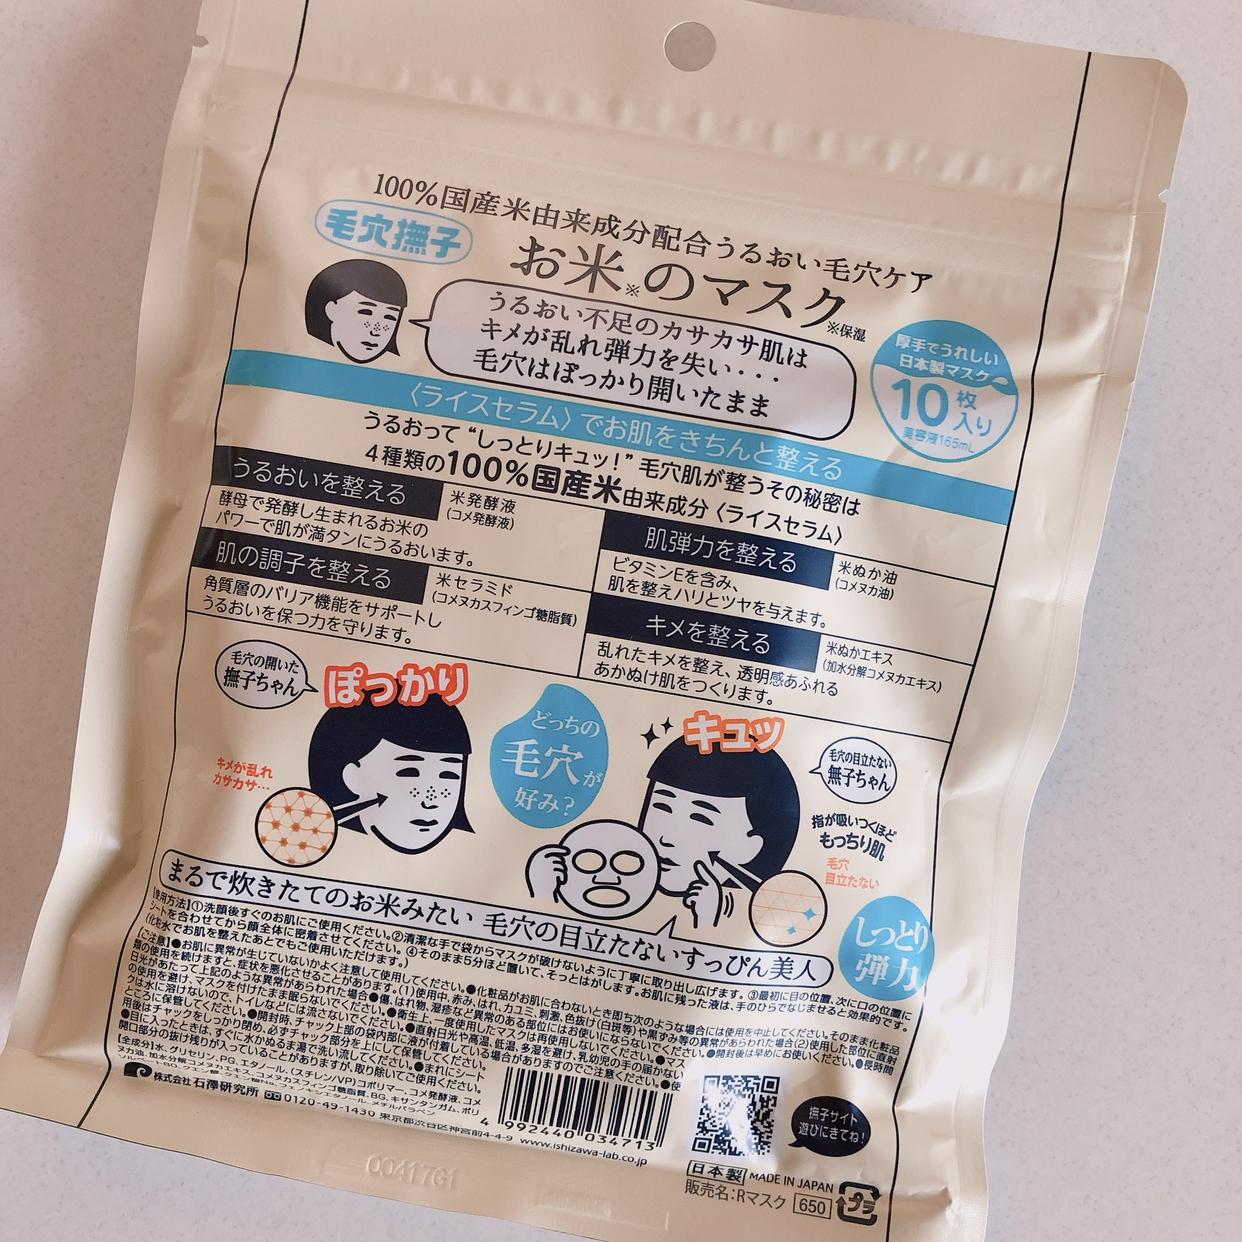 毛穴撫子(ケアナナデシコ) お米のマスク <シートマスク>を使ったぽりぽりーさんのクチコミ画像2